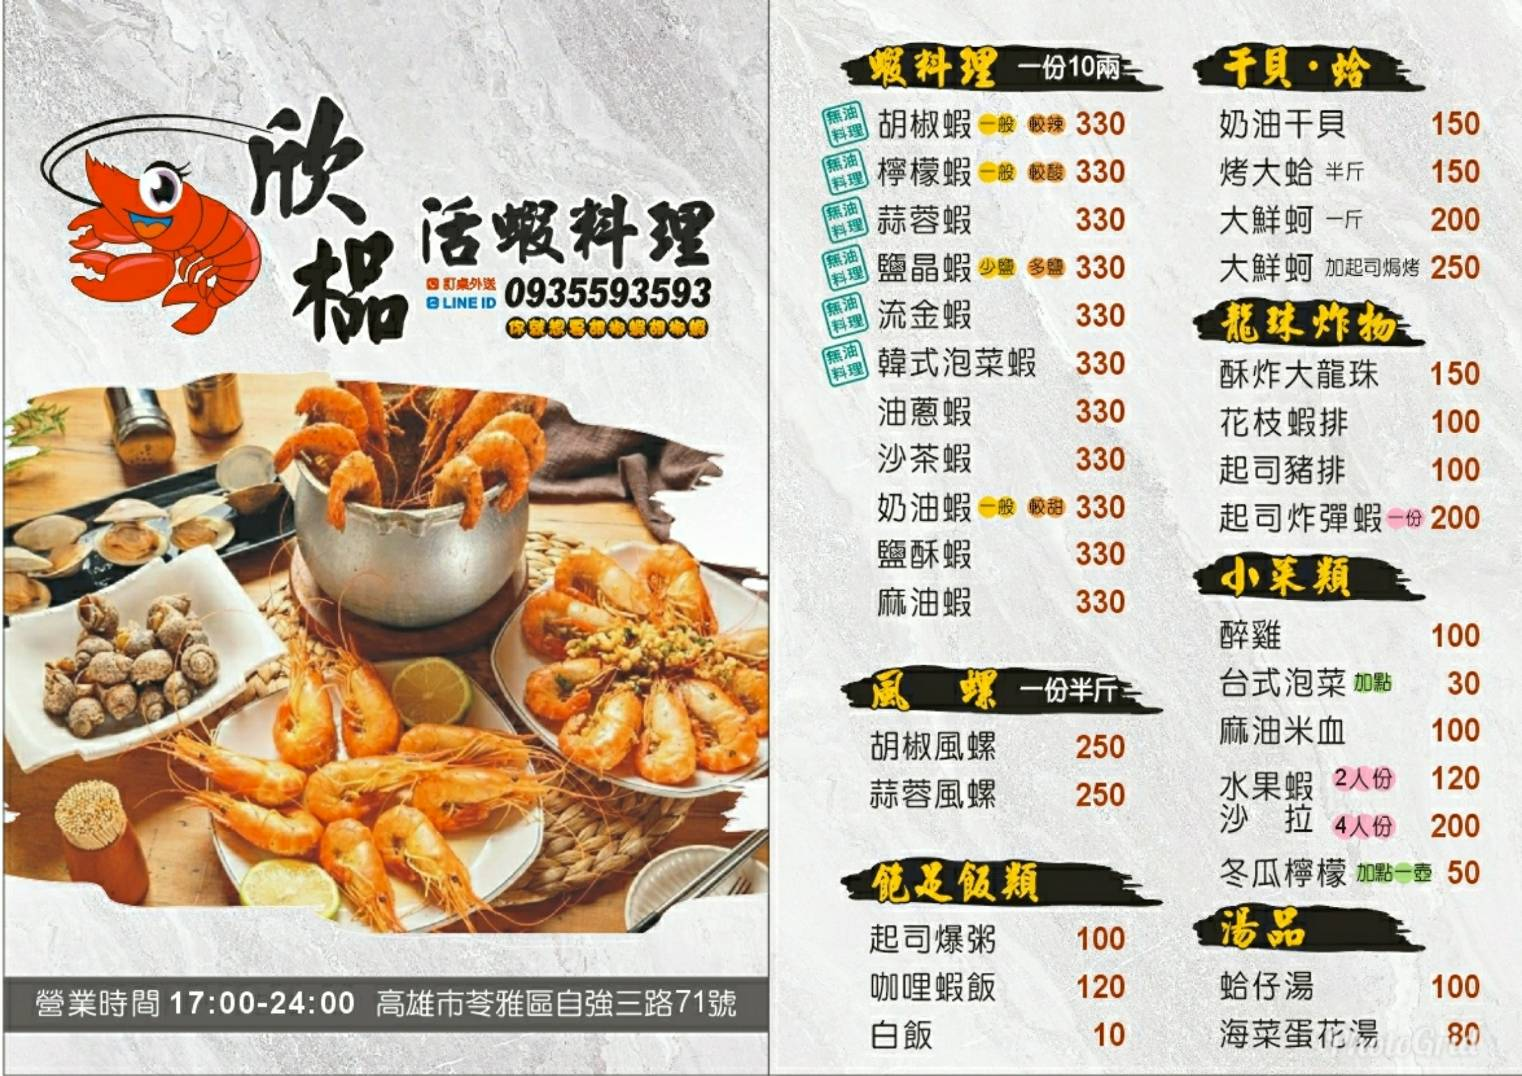 [高雄活蝦推薦]欣榀活蝦料理-老饕推薦~平價超美味創意泰國活蝦料理!三多商圈超夯聚餐餐廳 @美食好芃友